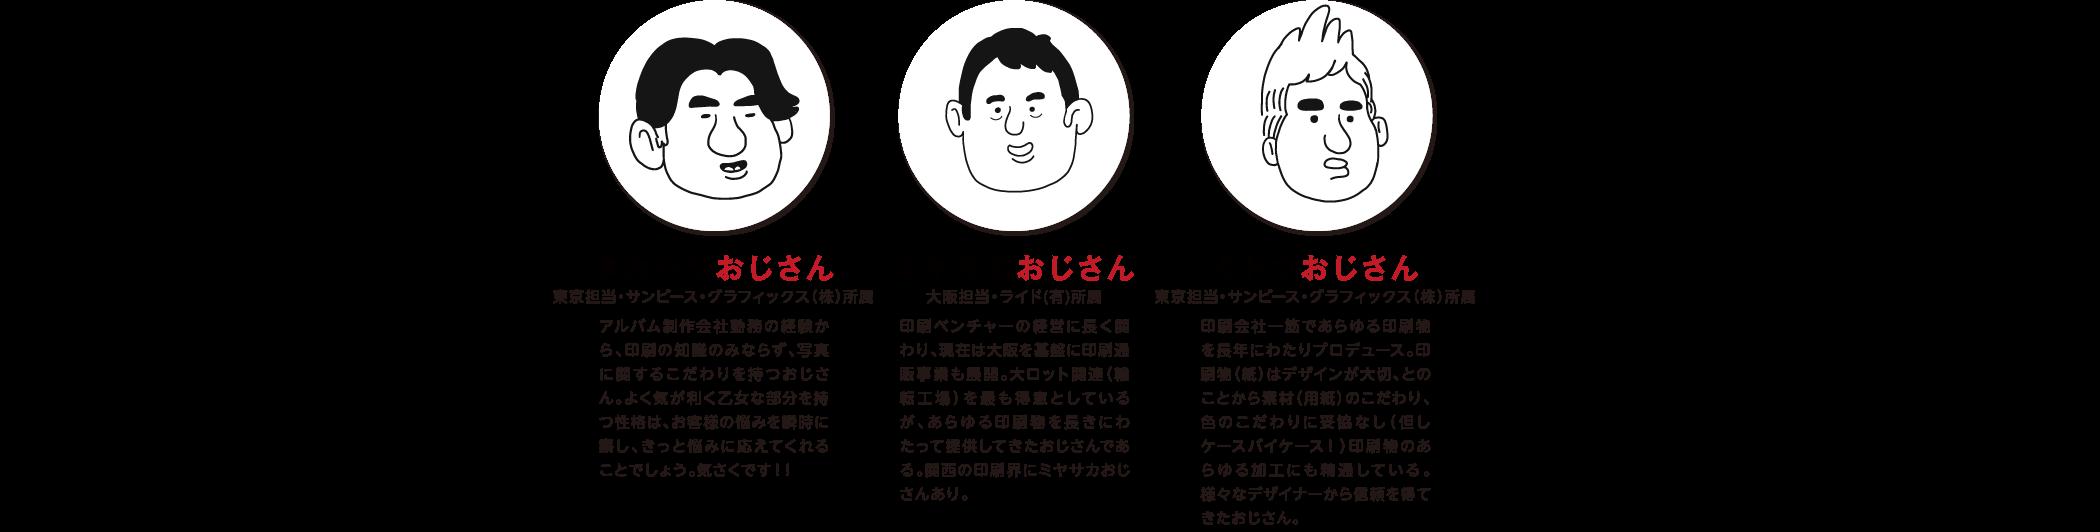 タカハシおじさん ミヤサカおじさん クドウおじさん